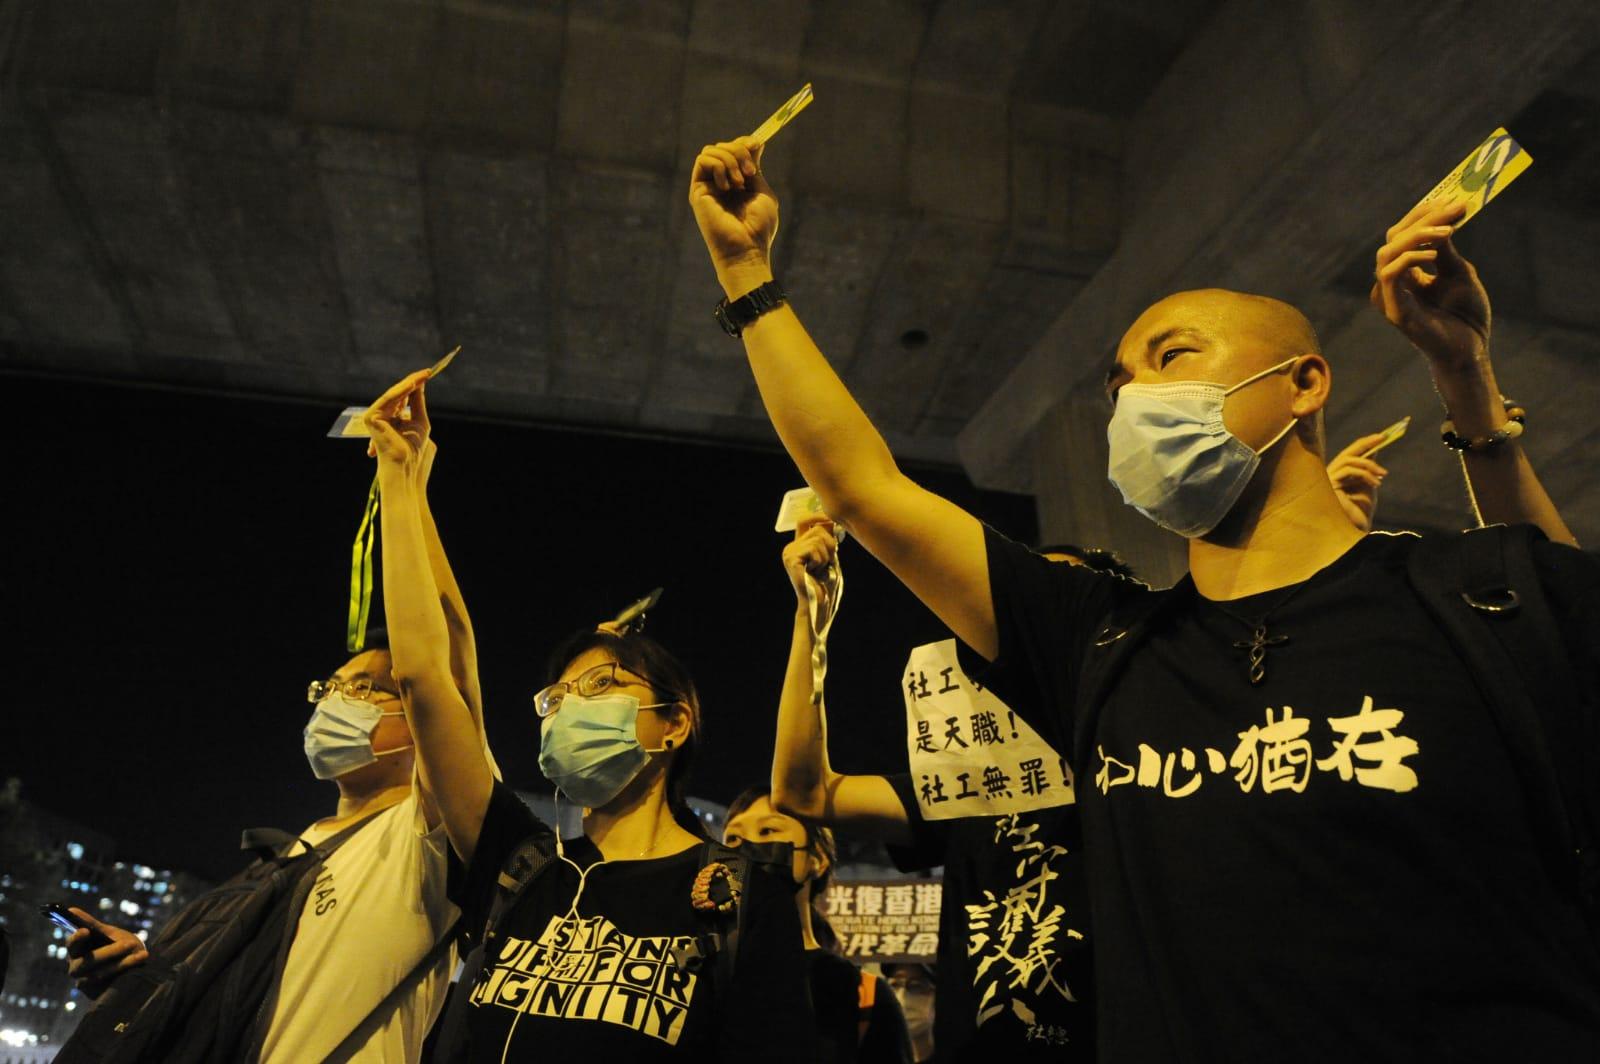 社工們拿出社工證,表示希望社工界明天在高等法院繼續撐劉家棟。(宋碧龍/大紀元)